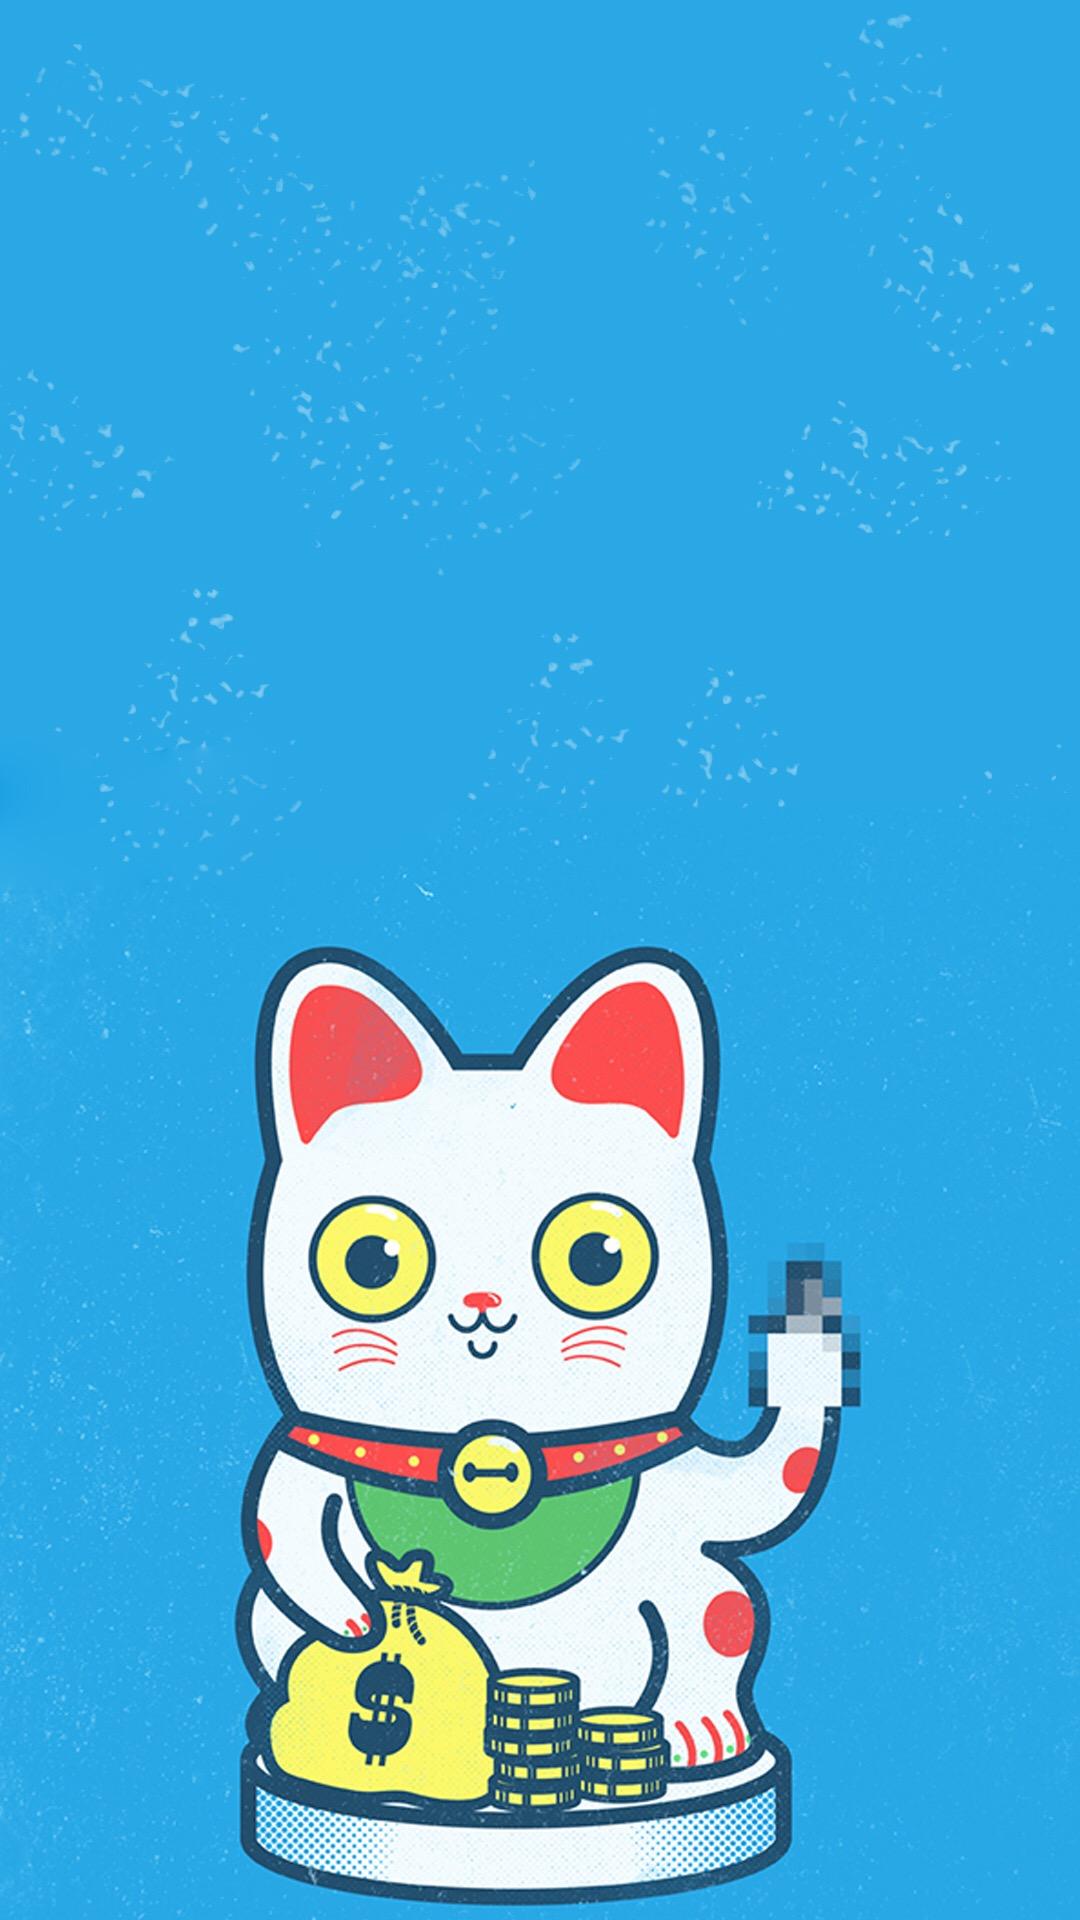 q版招财猫图片高清手机桌面壁纸,分辨率1080x1920